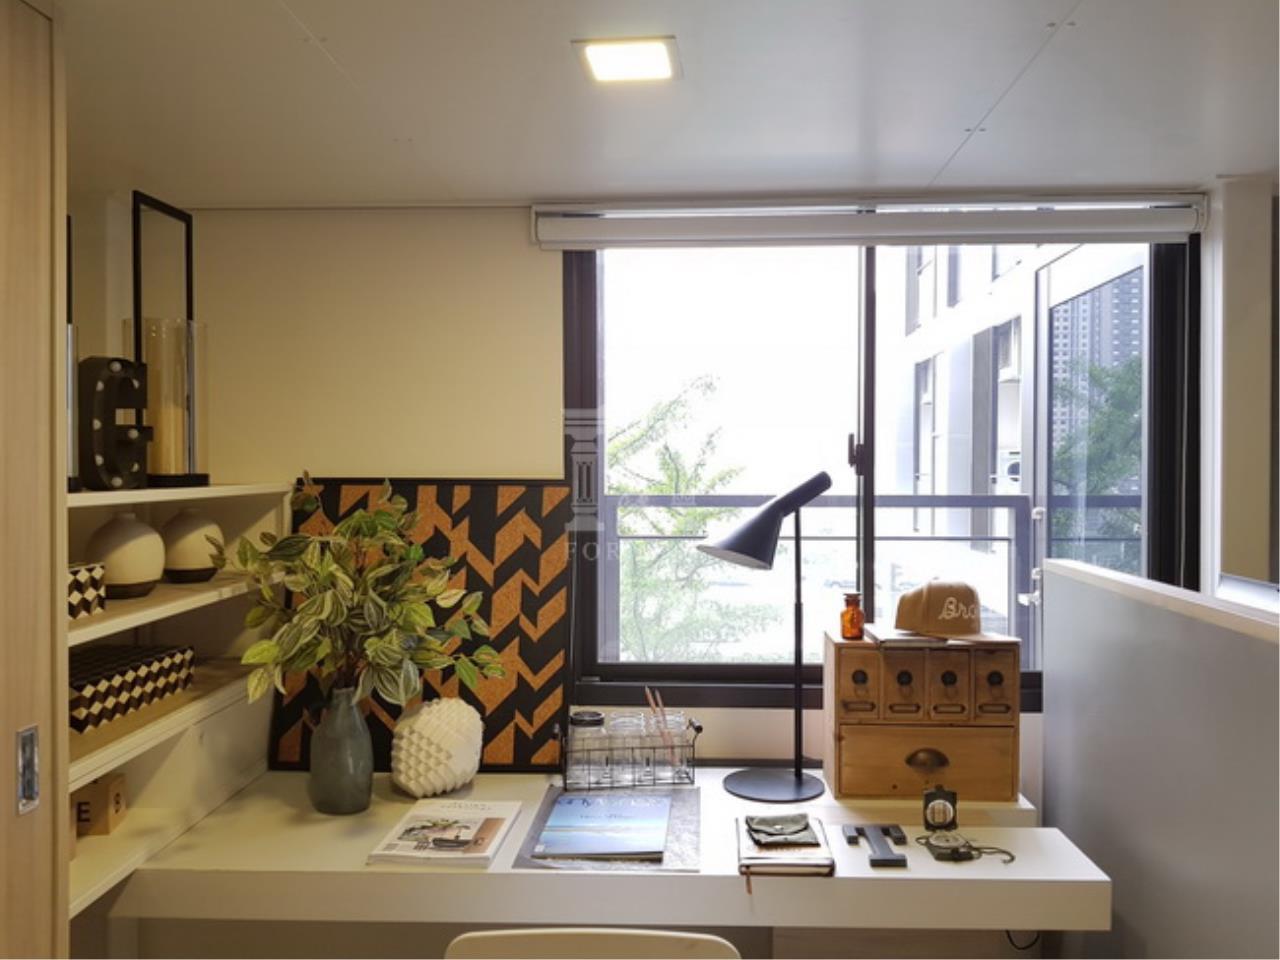 37936 - Chewathai Residence Asoke Road. Duplex room 35.55 sq.m.